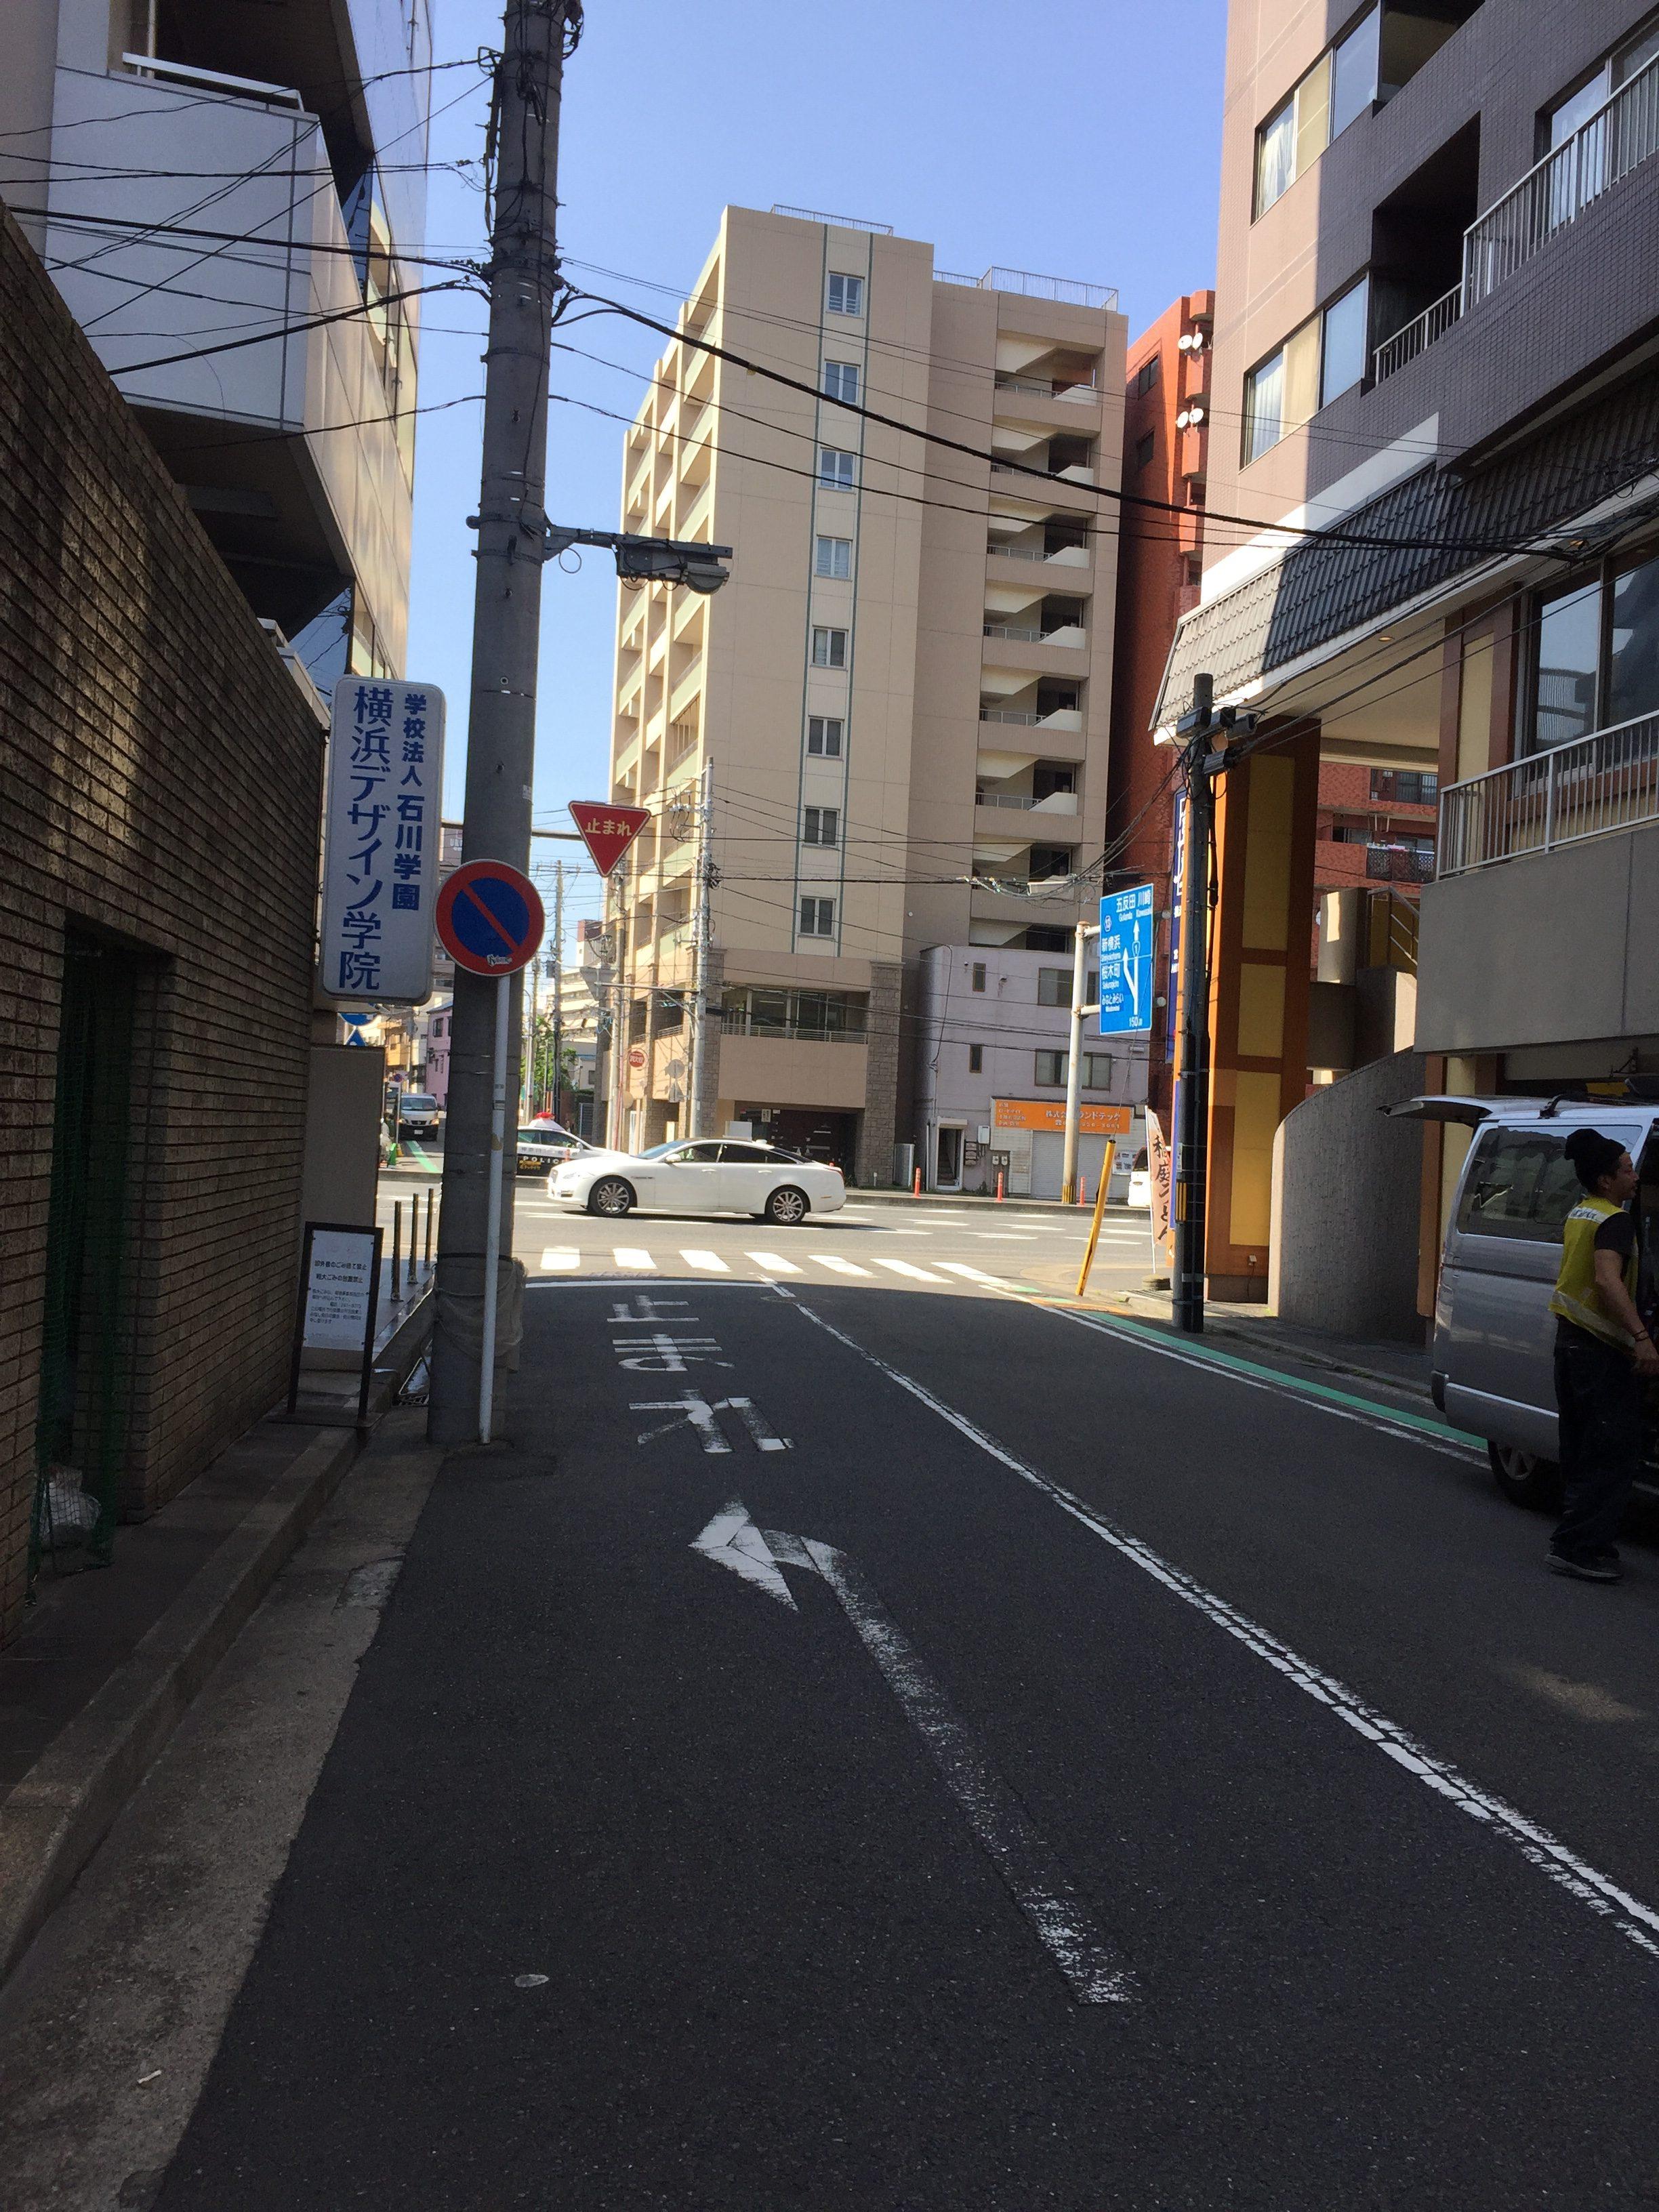 學校在巷子內,一出巷子就有JR站